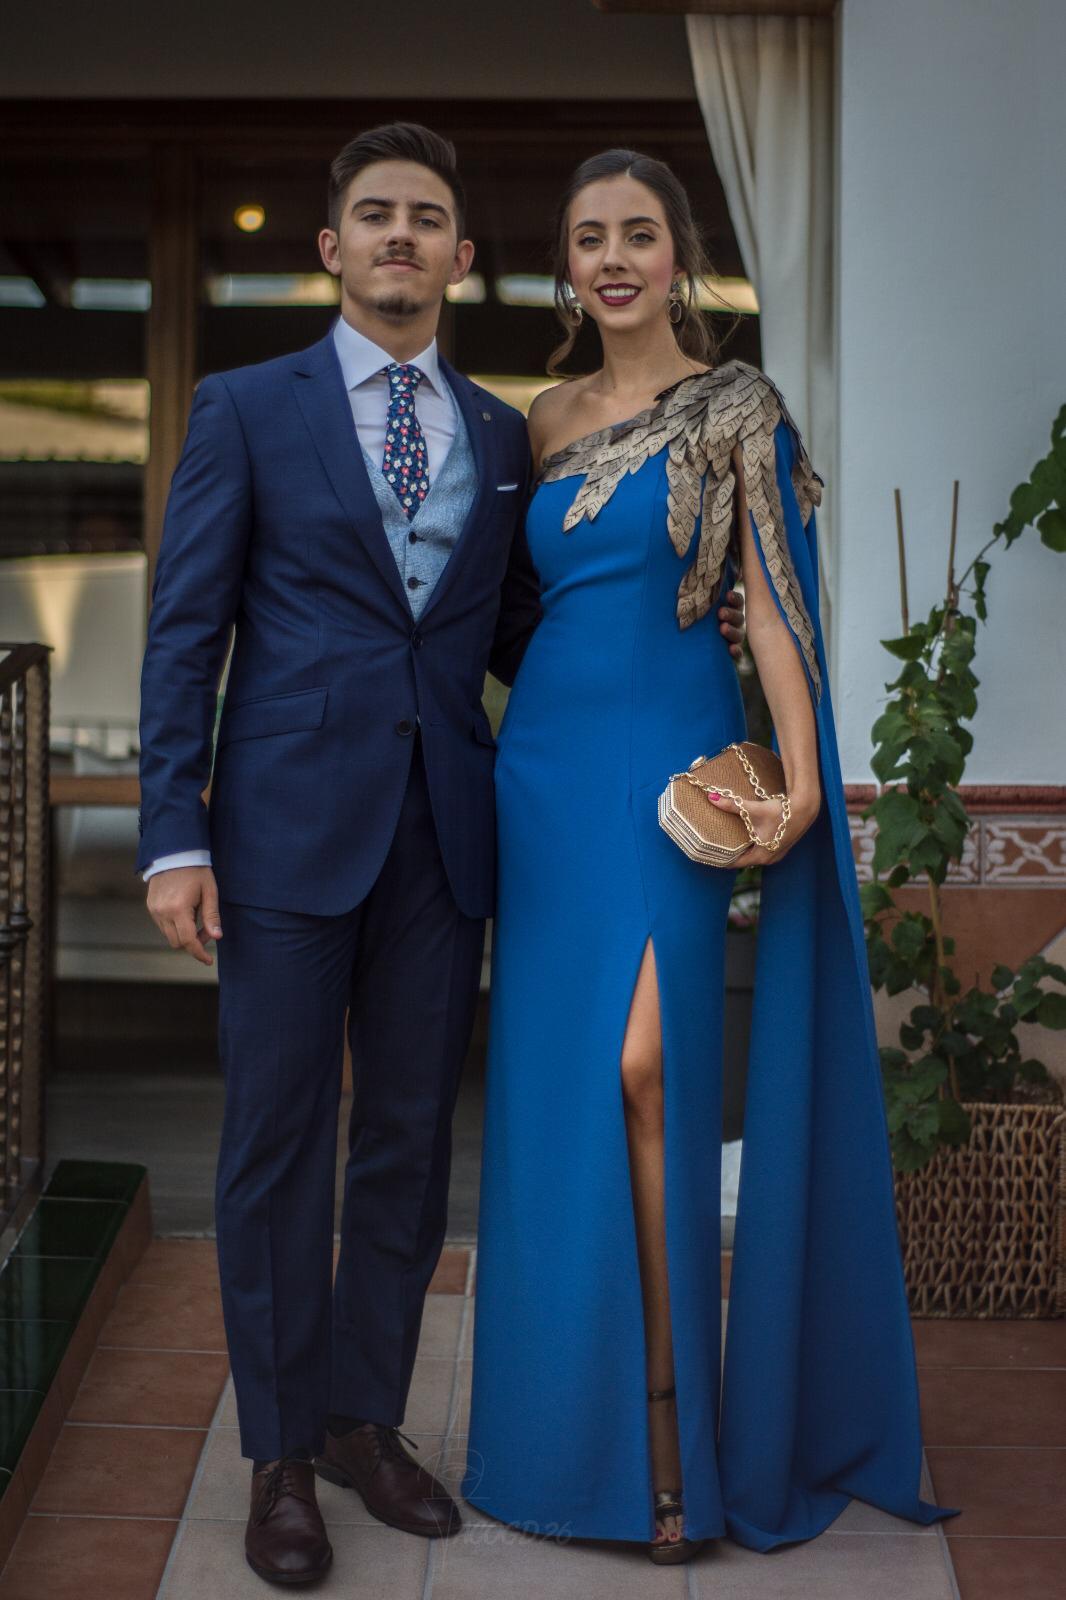 Vestido invitada a boda 2020